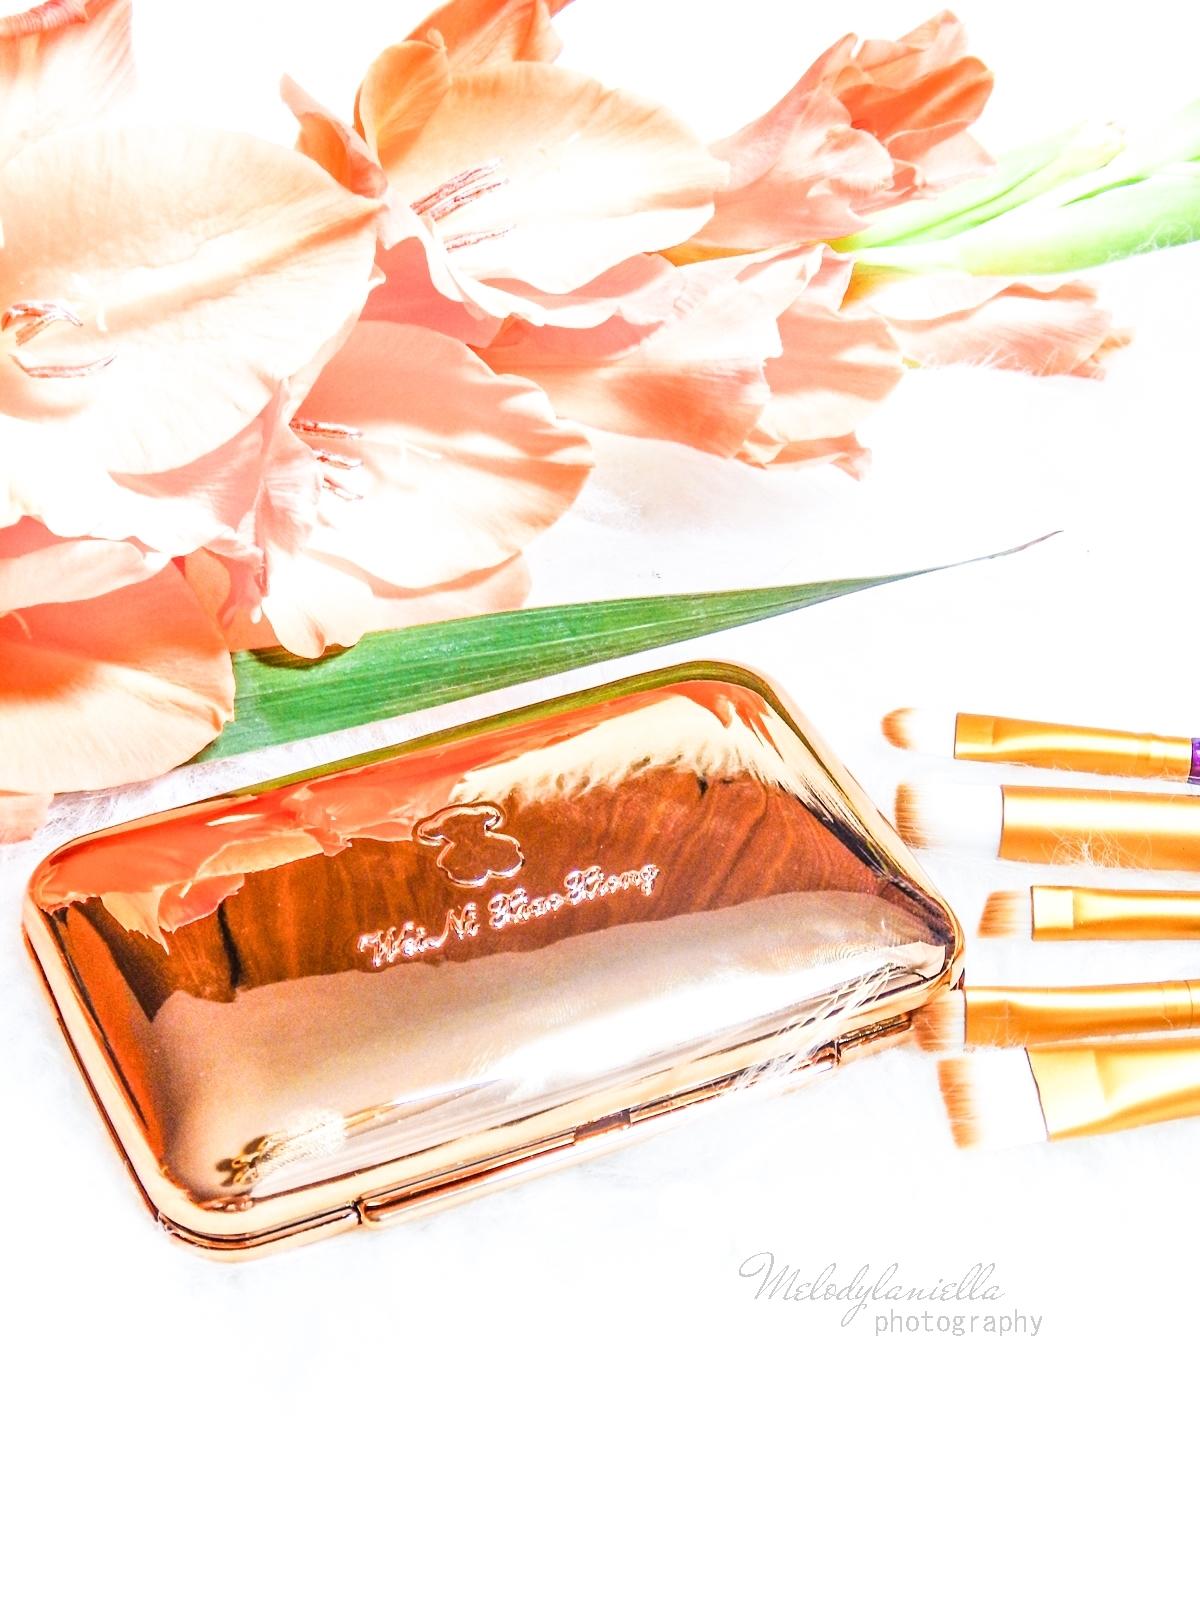 10 azjatyckie chińskie kosmetyki recenzja melodylaniella beauty paleta 6 cieni brokatowe cienie do powiek sammydress cienie do powiek ze złotem i brokatem moda na karnawał